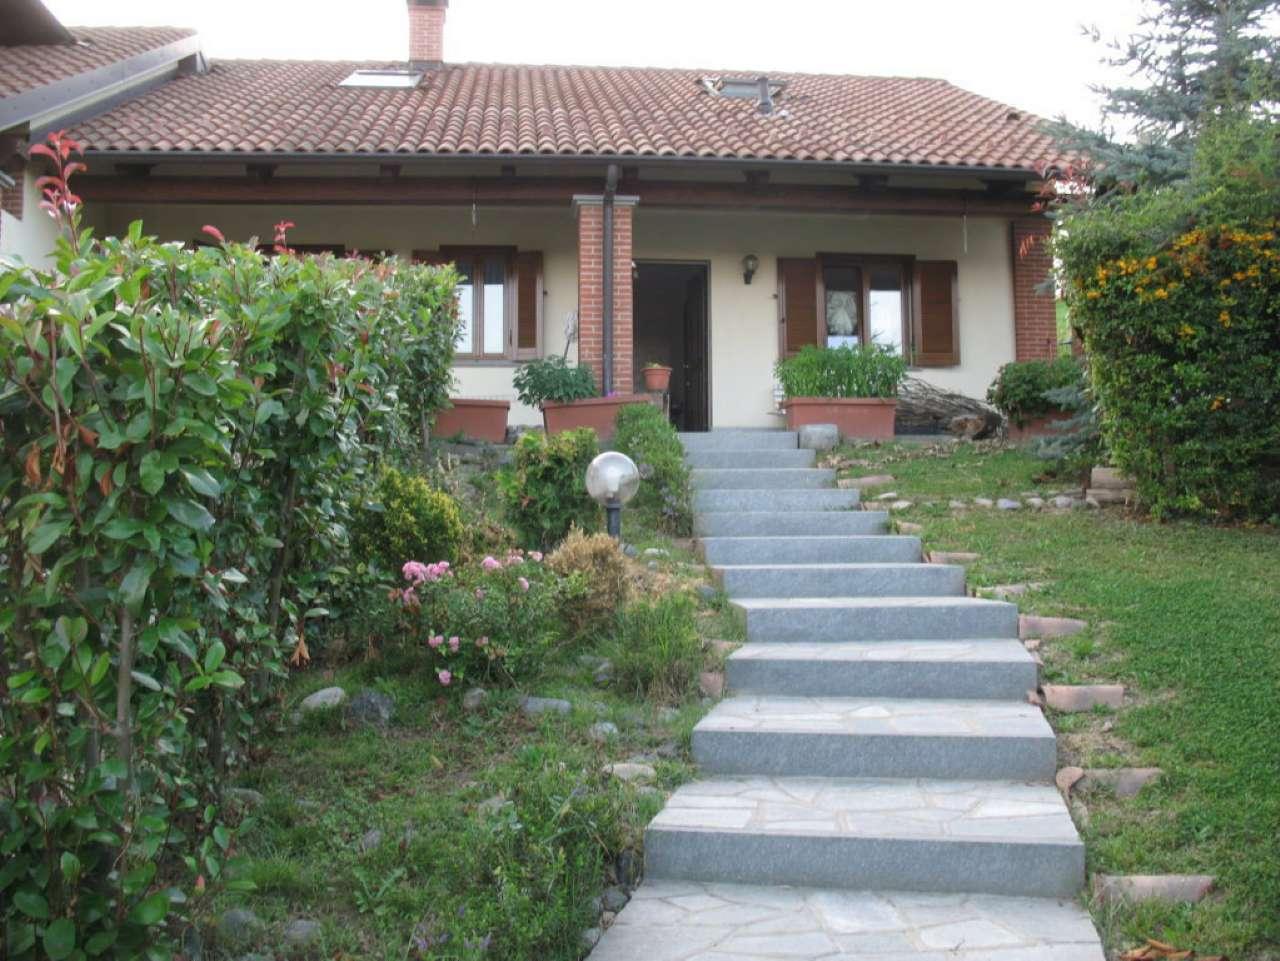 Soluzione Indipendente in vendita a Baldissero Torinese, 6 locali, prezzo € 275.000 | Cambio Casa.it